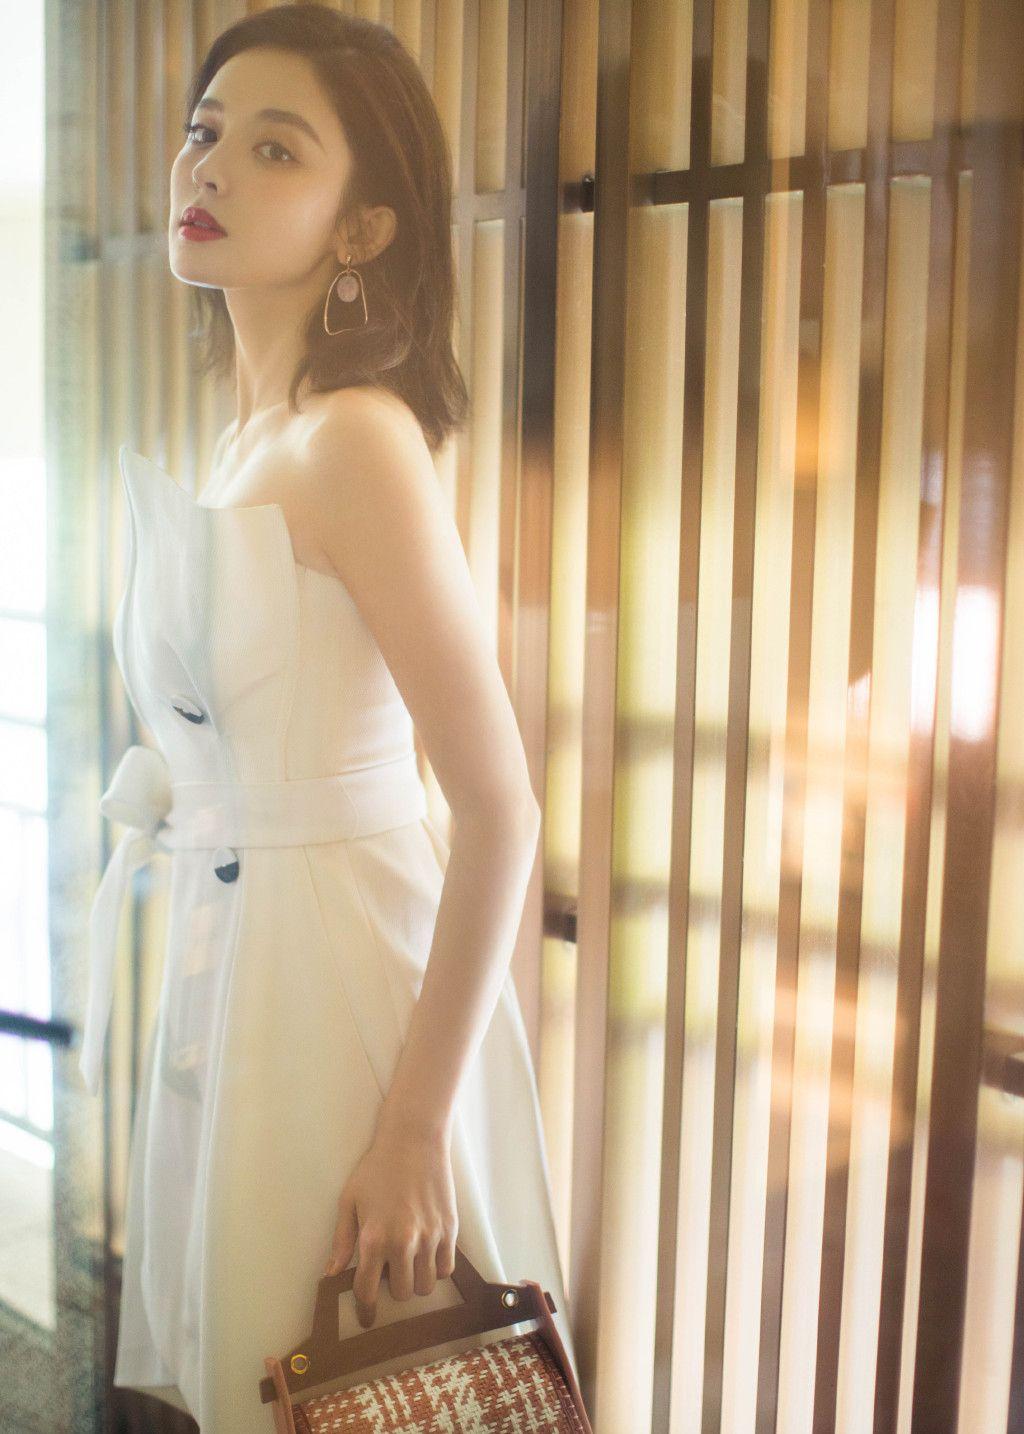 娱乐圈的大美女古力娜扎,灵气内敛,俏皮可爱,眉目间吸烟美女充满的沉静视频图片